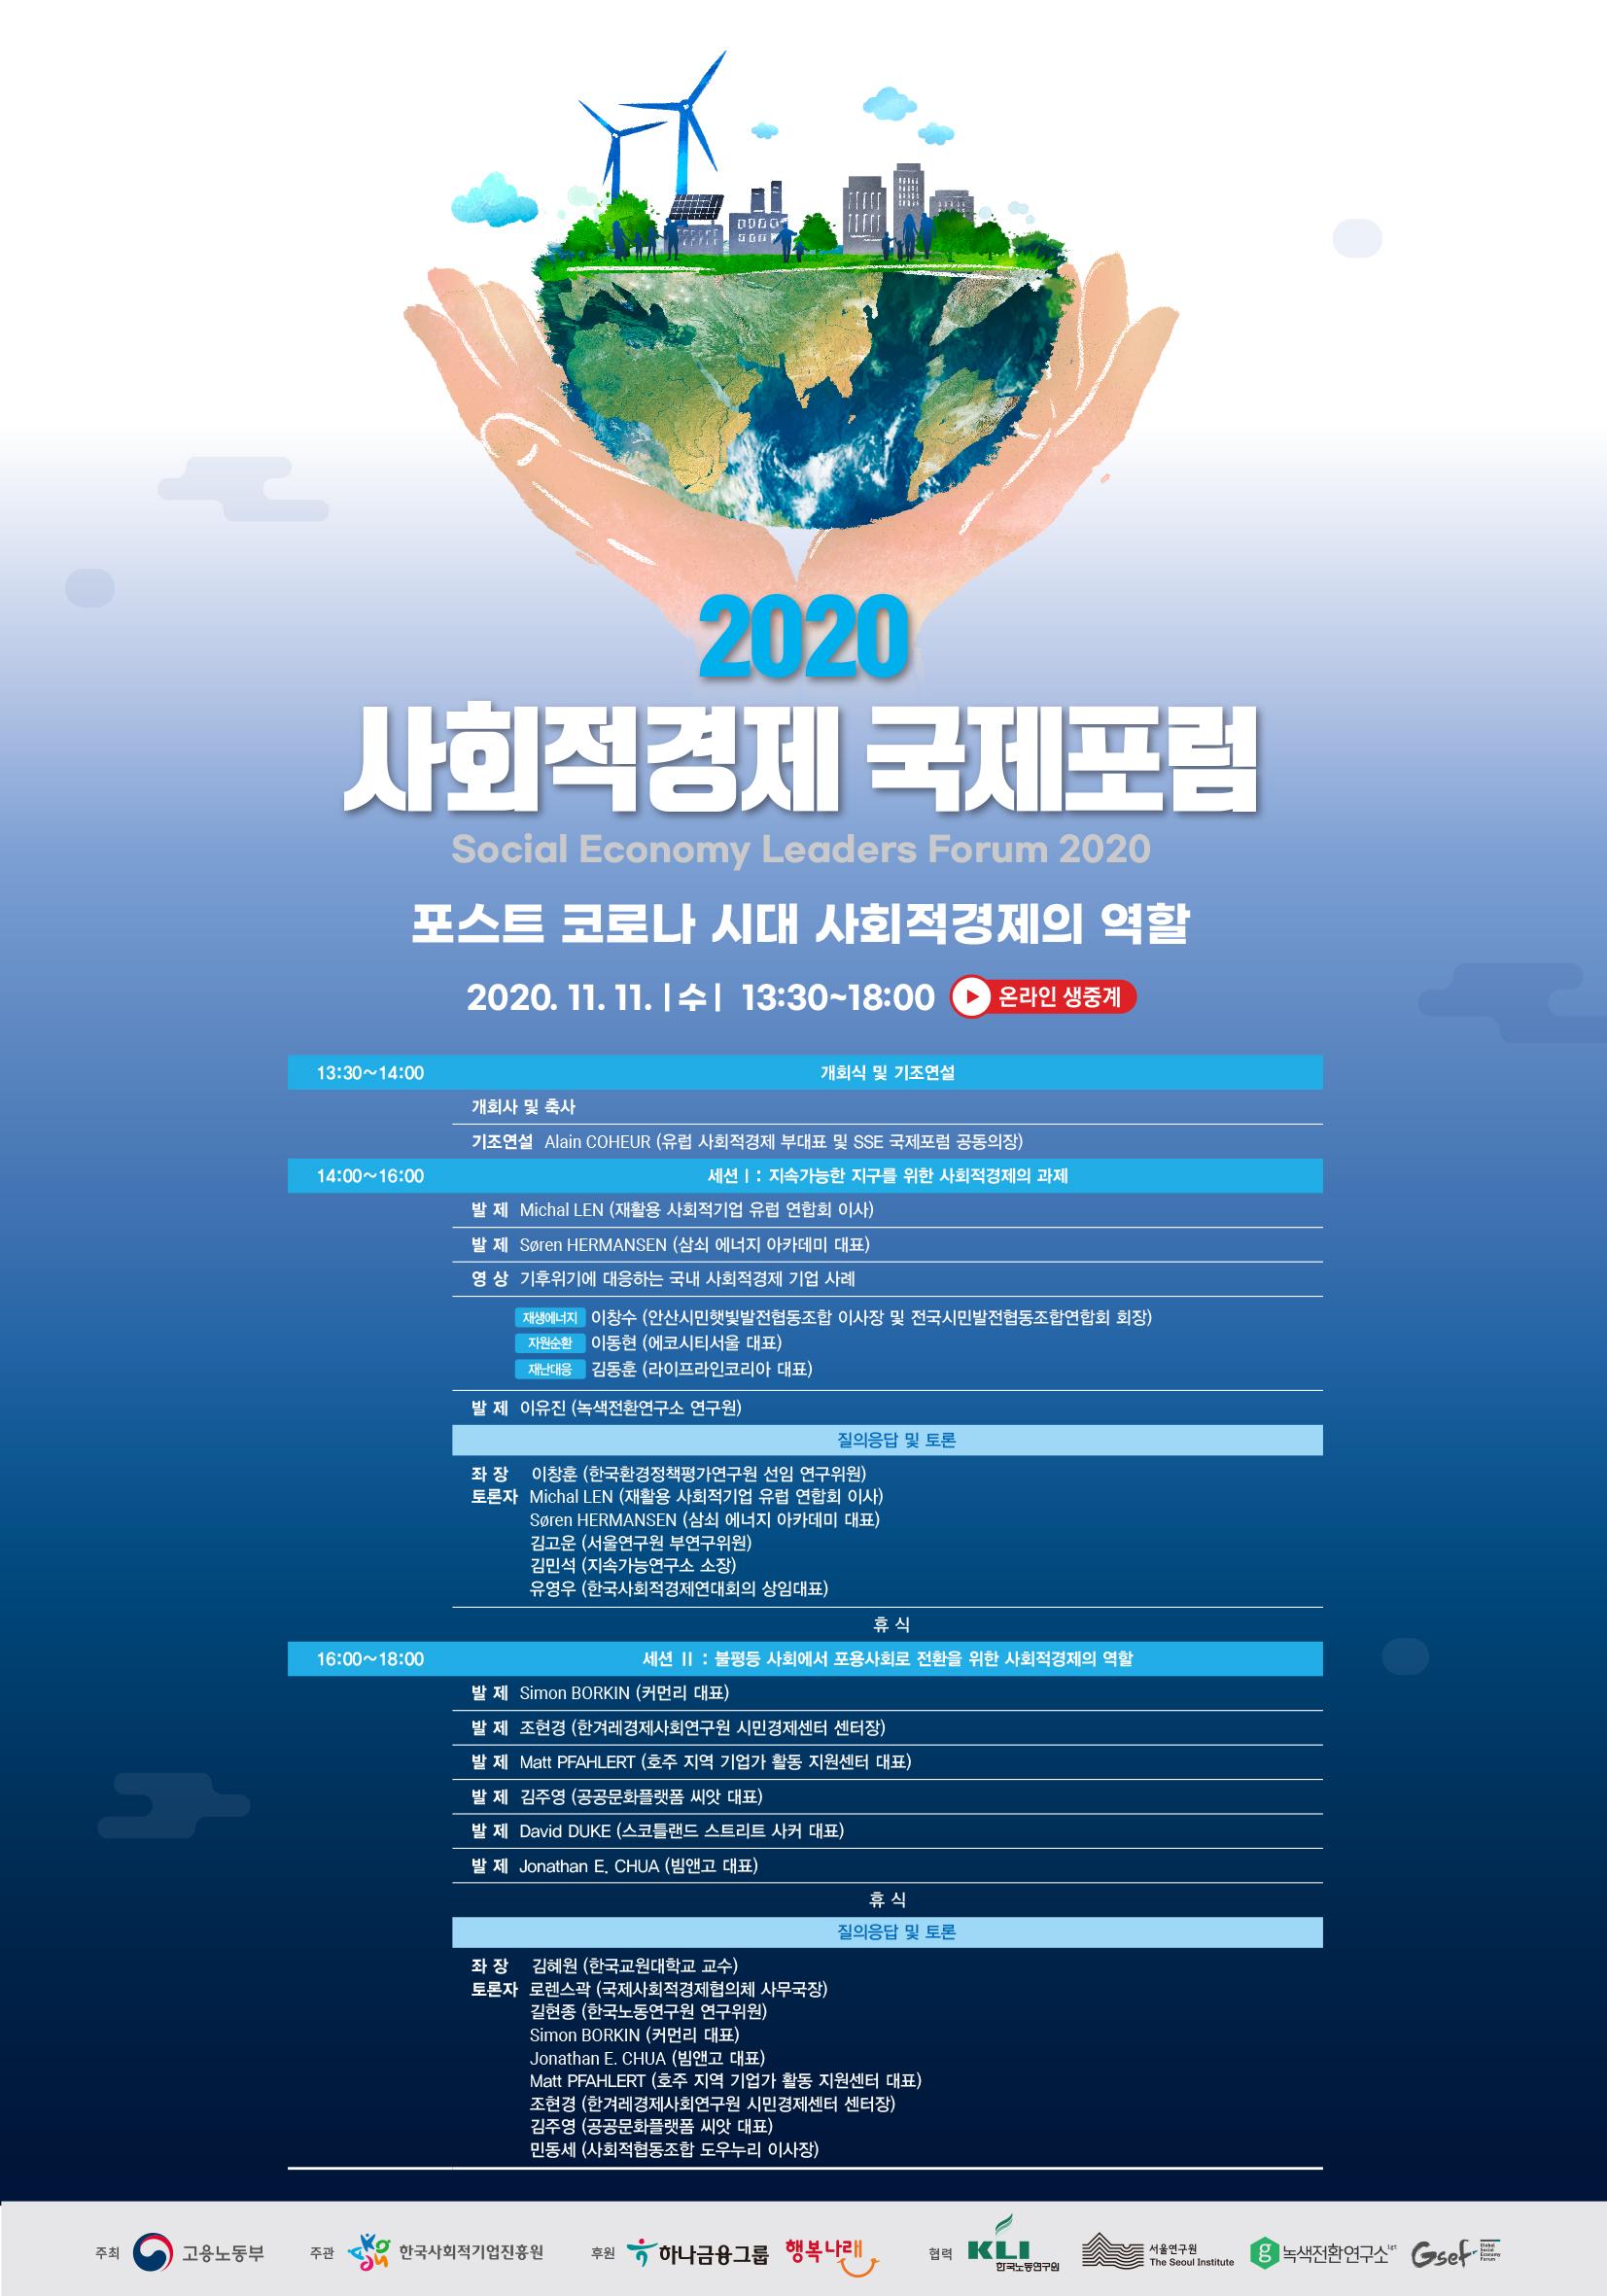 [공지] 한국사회적기업진흥원 | 2020 사회적경제 국제포럼 개최 안내 (온라인 생중계)